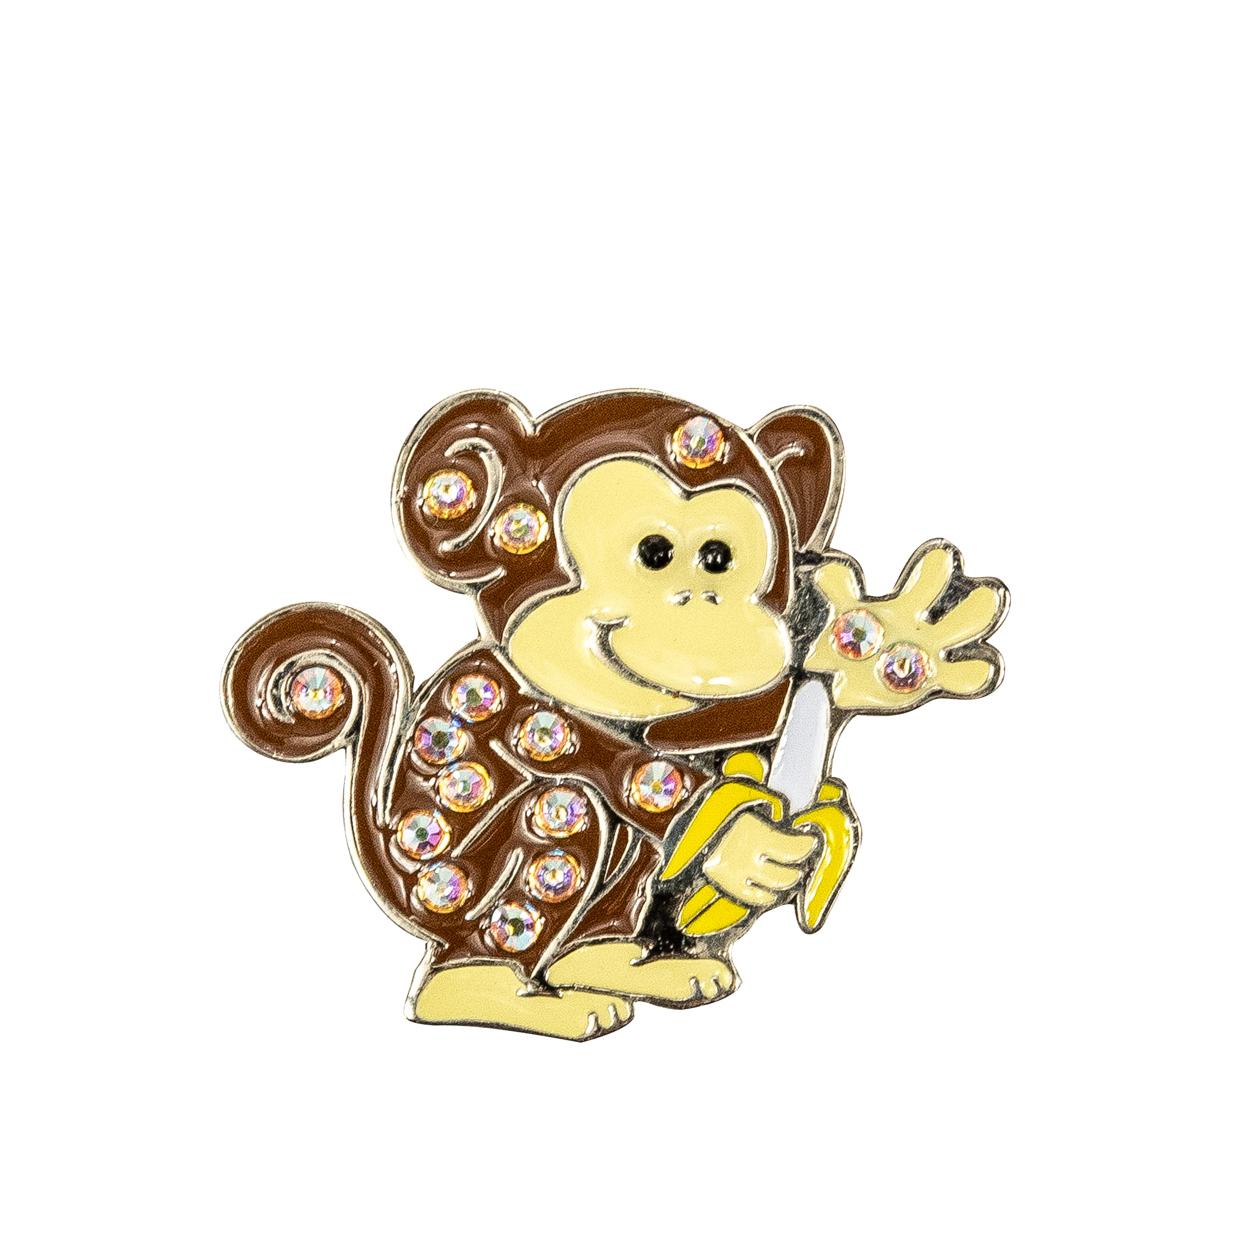 114. Monkey